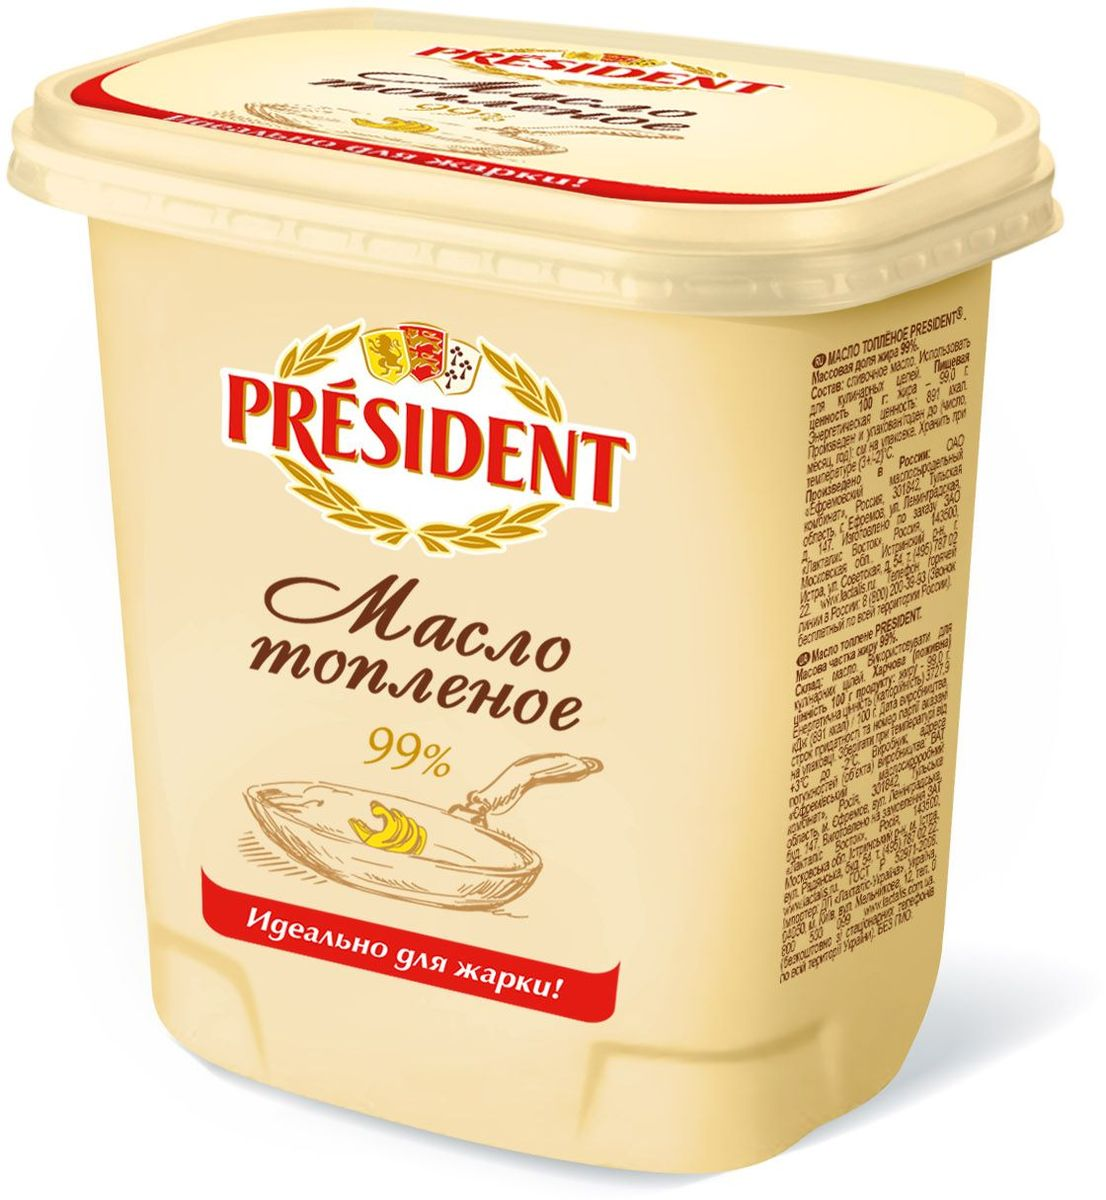 President Масло топленое 99%, 380 г медведь и слон топленое масло 550 мл